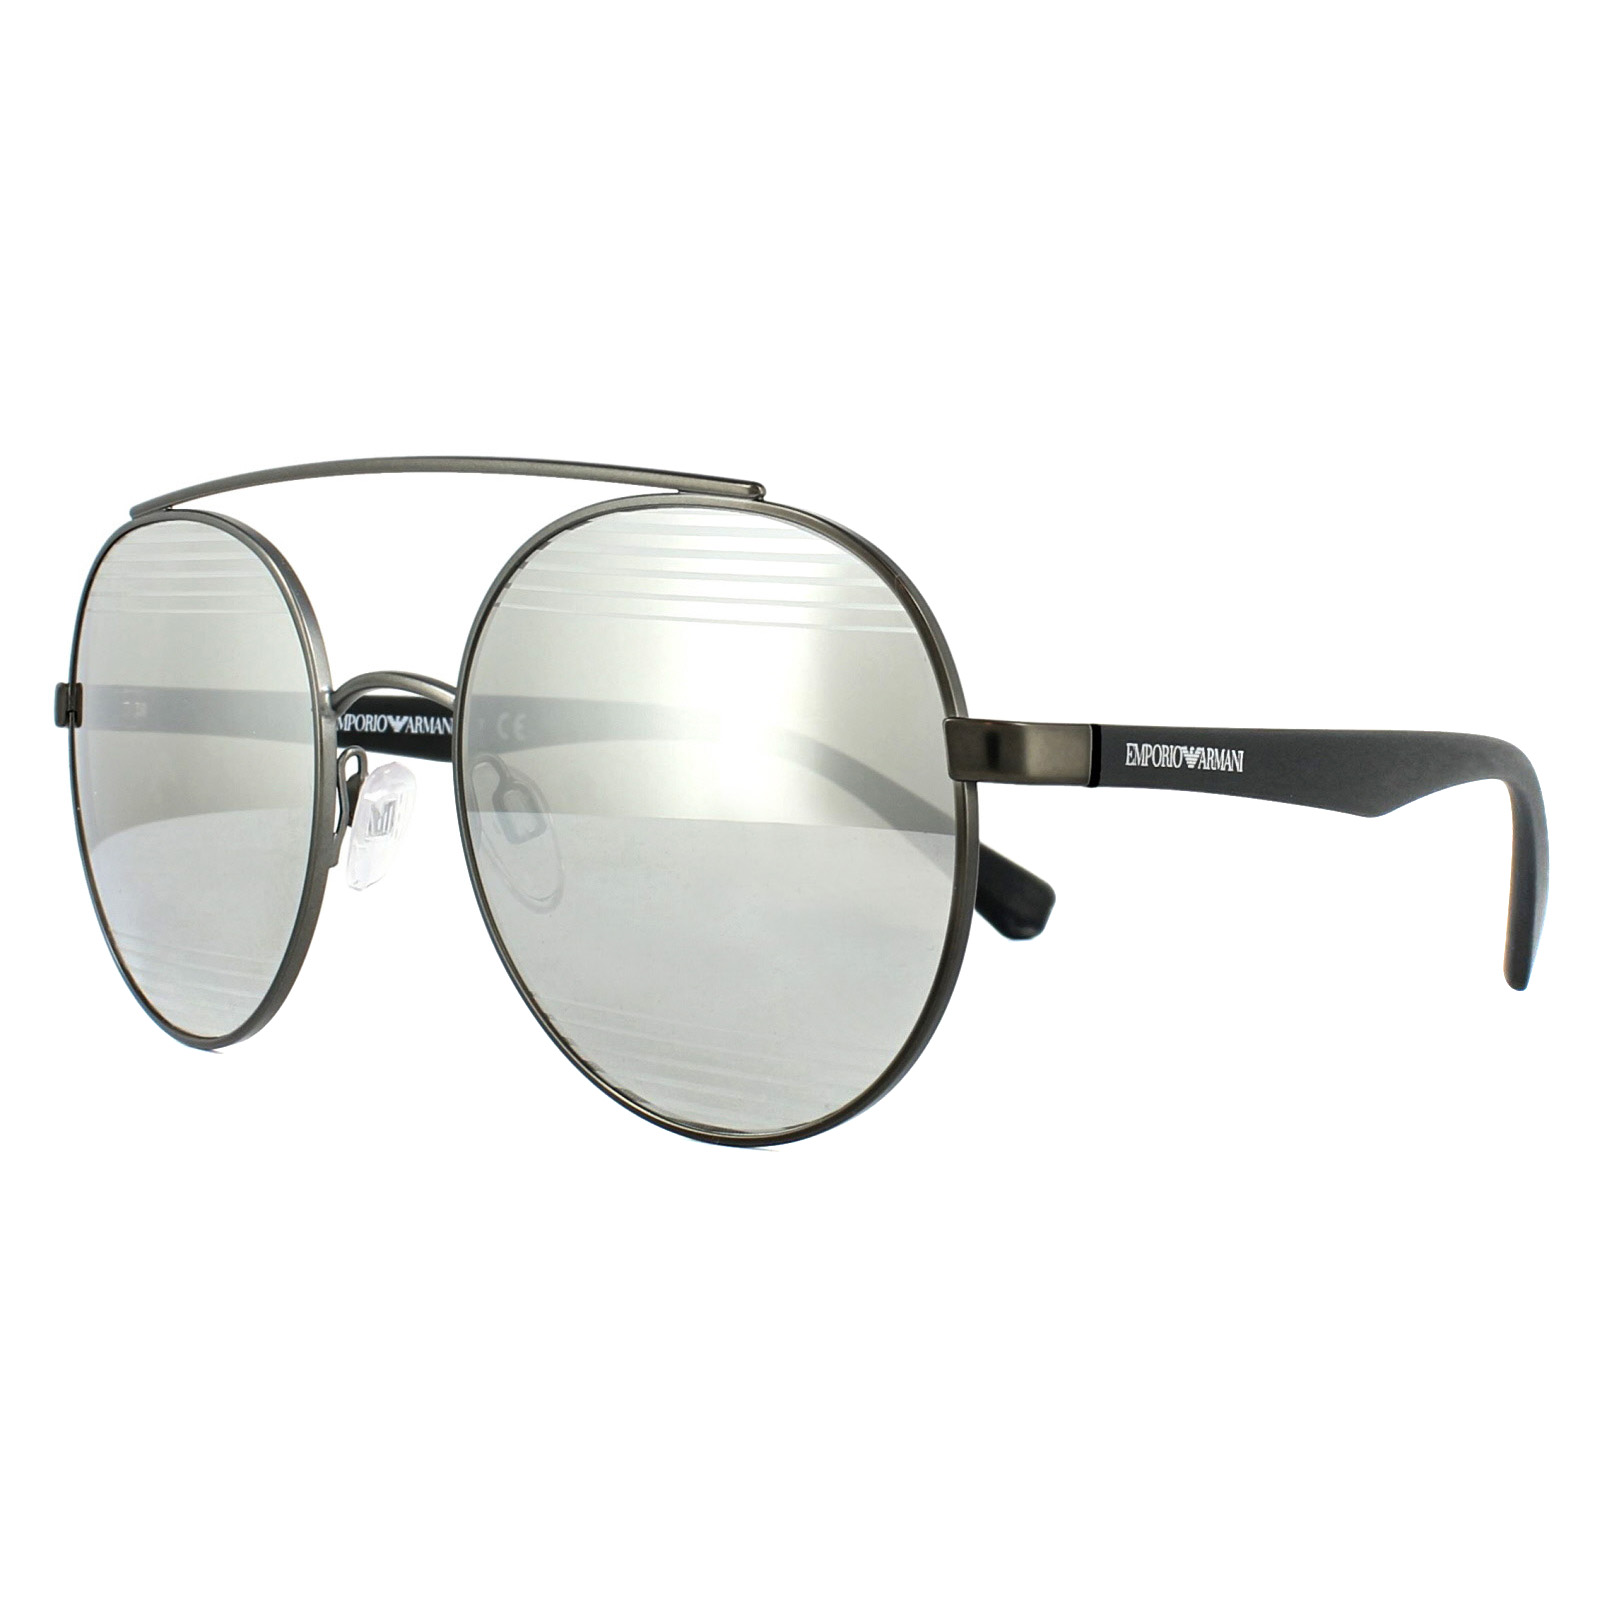 dfbd33e57e8 Sentinel Emporio Armani Sunglasses 2051 30106G Matt Gunmetal Silver Mirror